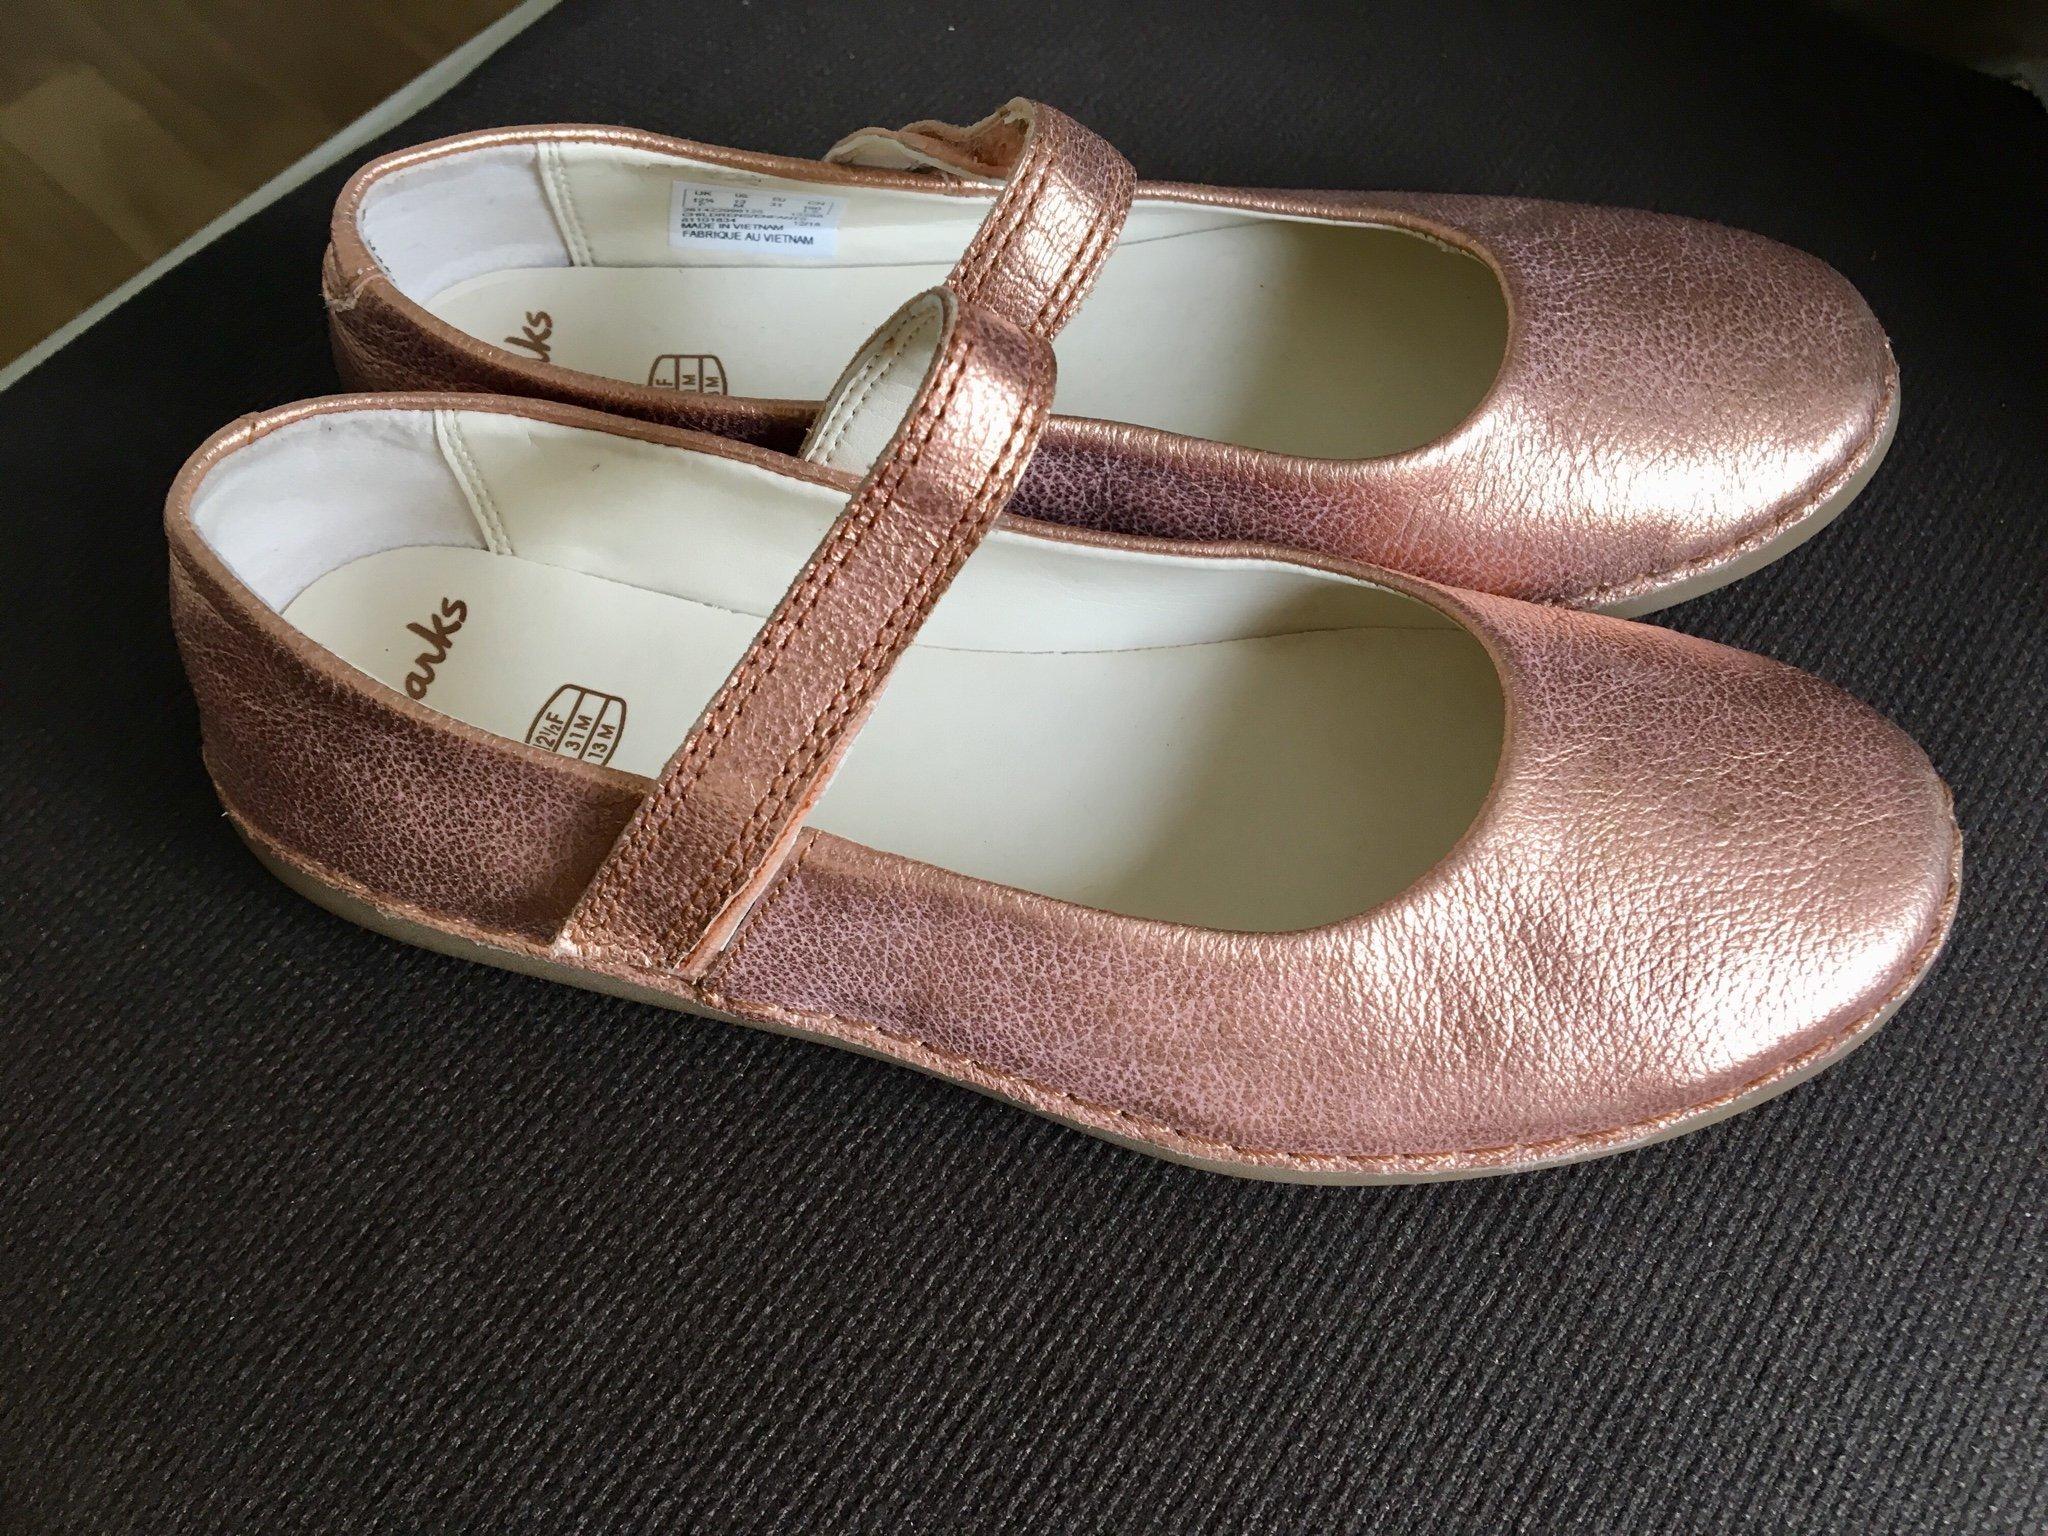 skridsko skor köpa försäljning bästa stället clarks guld